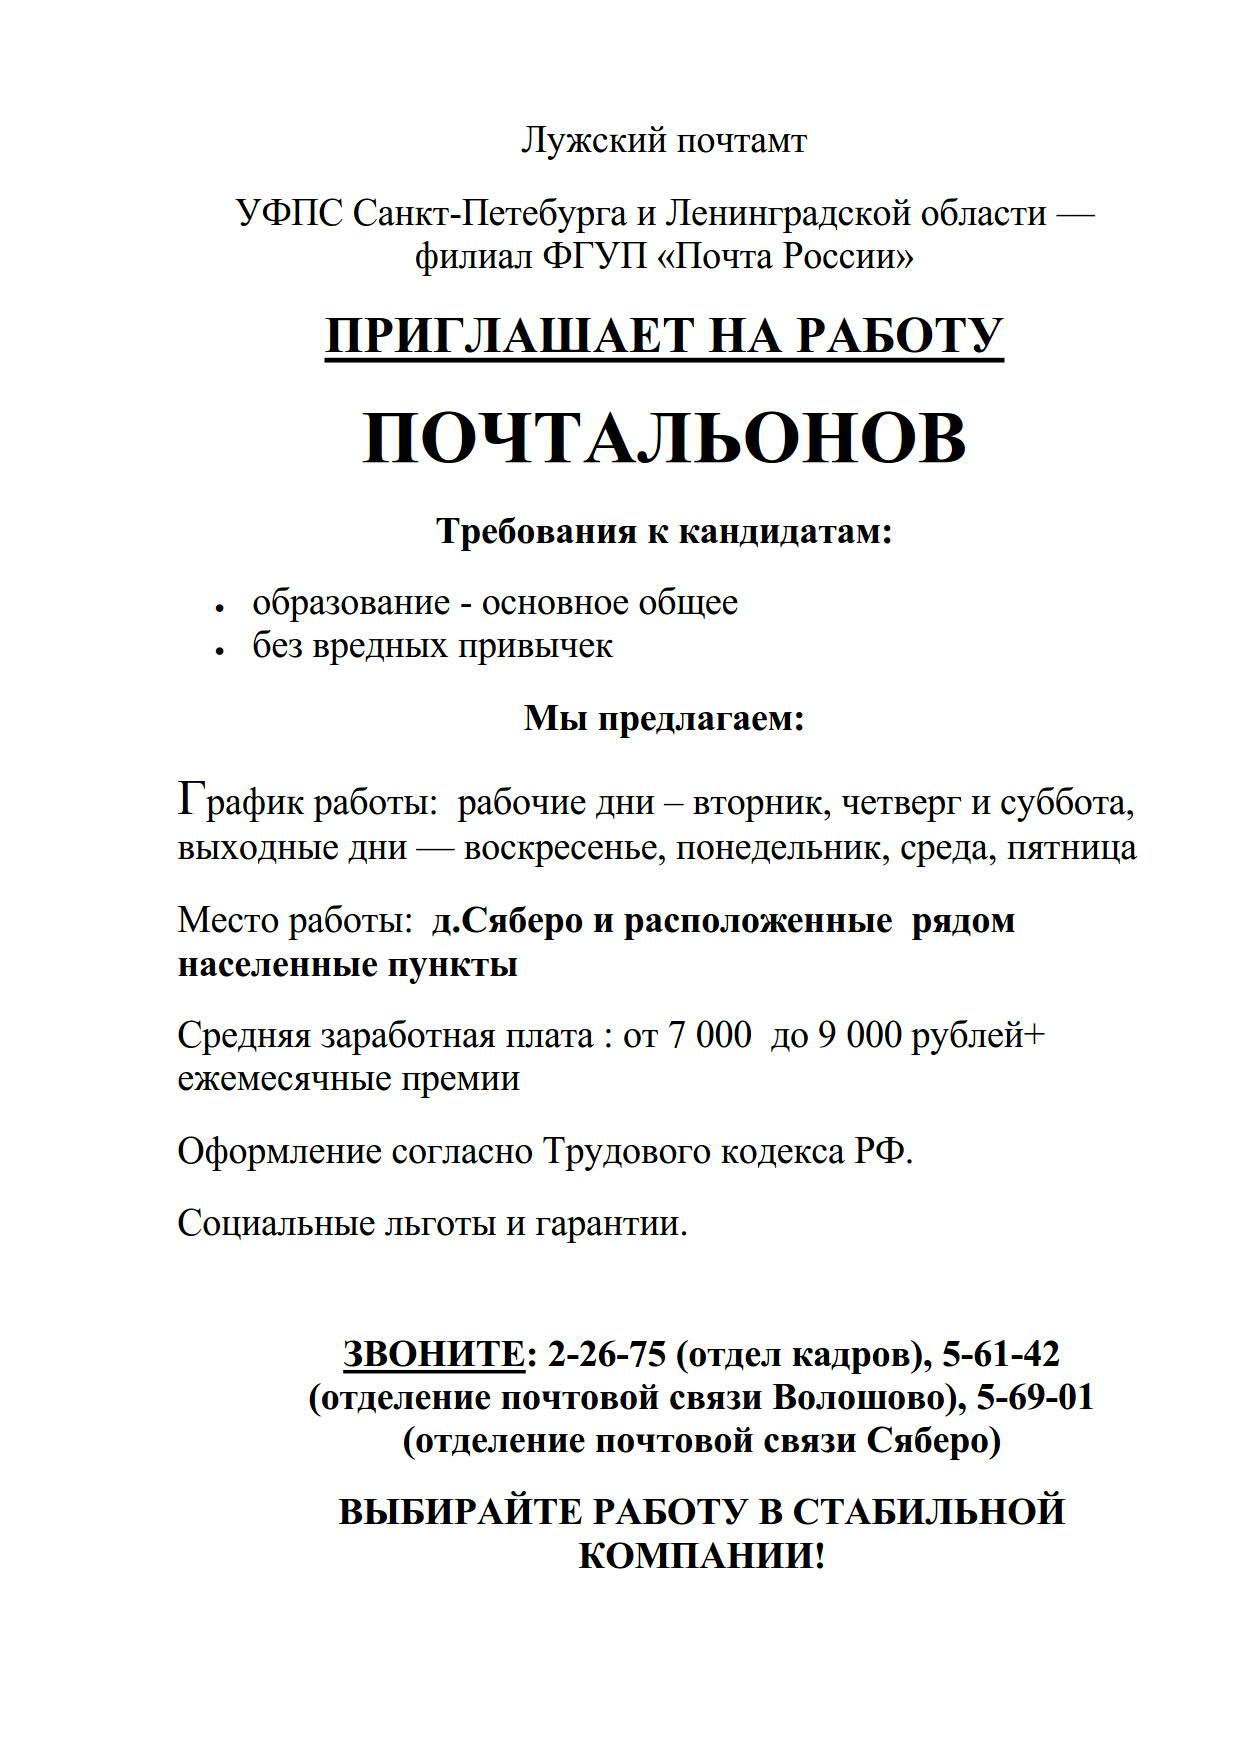 Почтальон_1